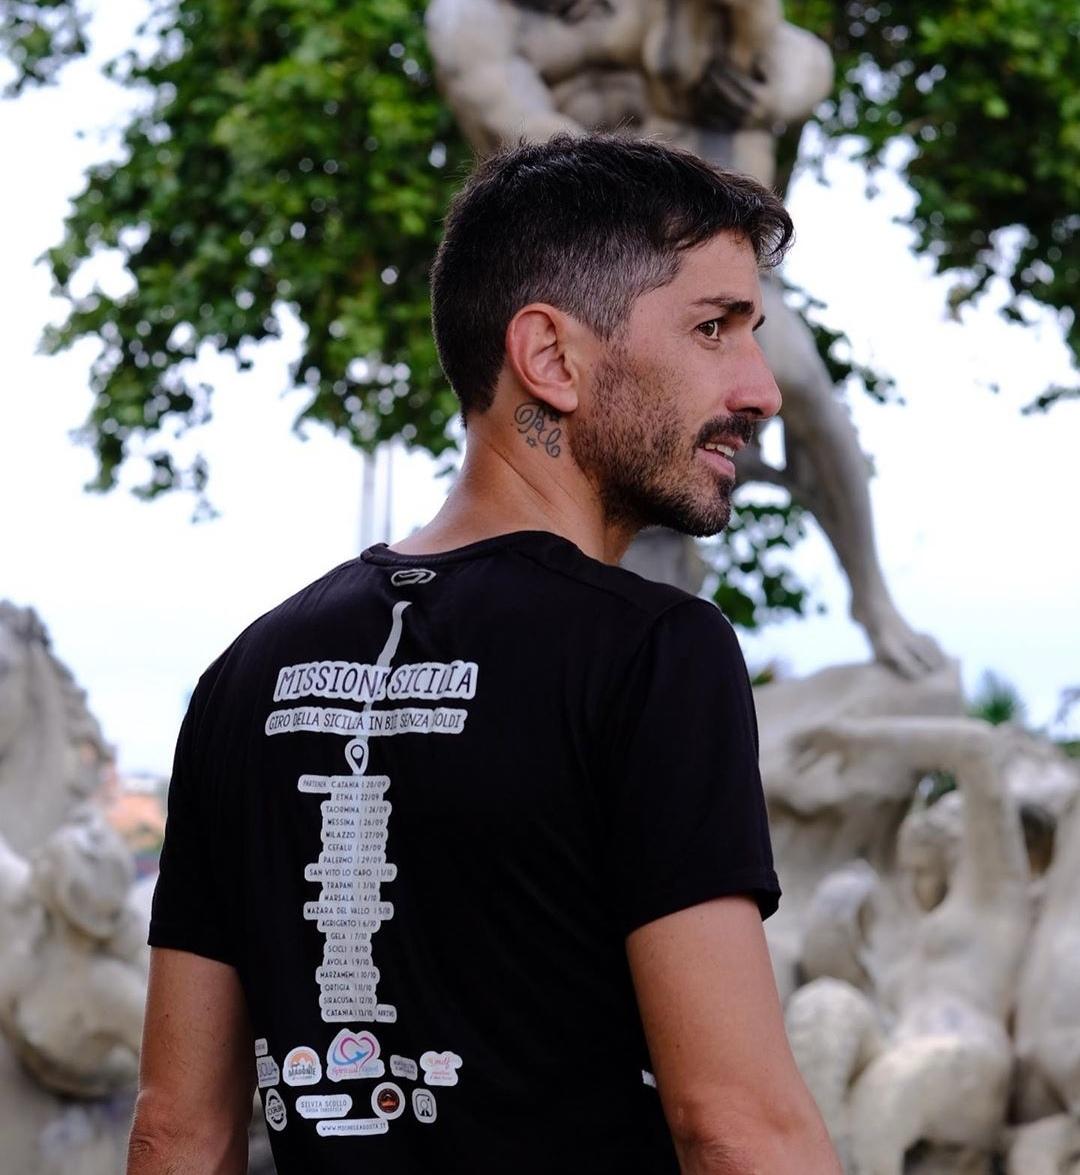 Il giro del mondo in bici, la missione di Cristian Buzzelli